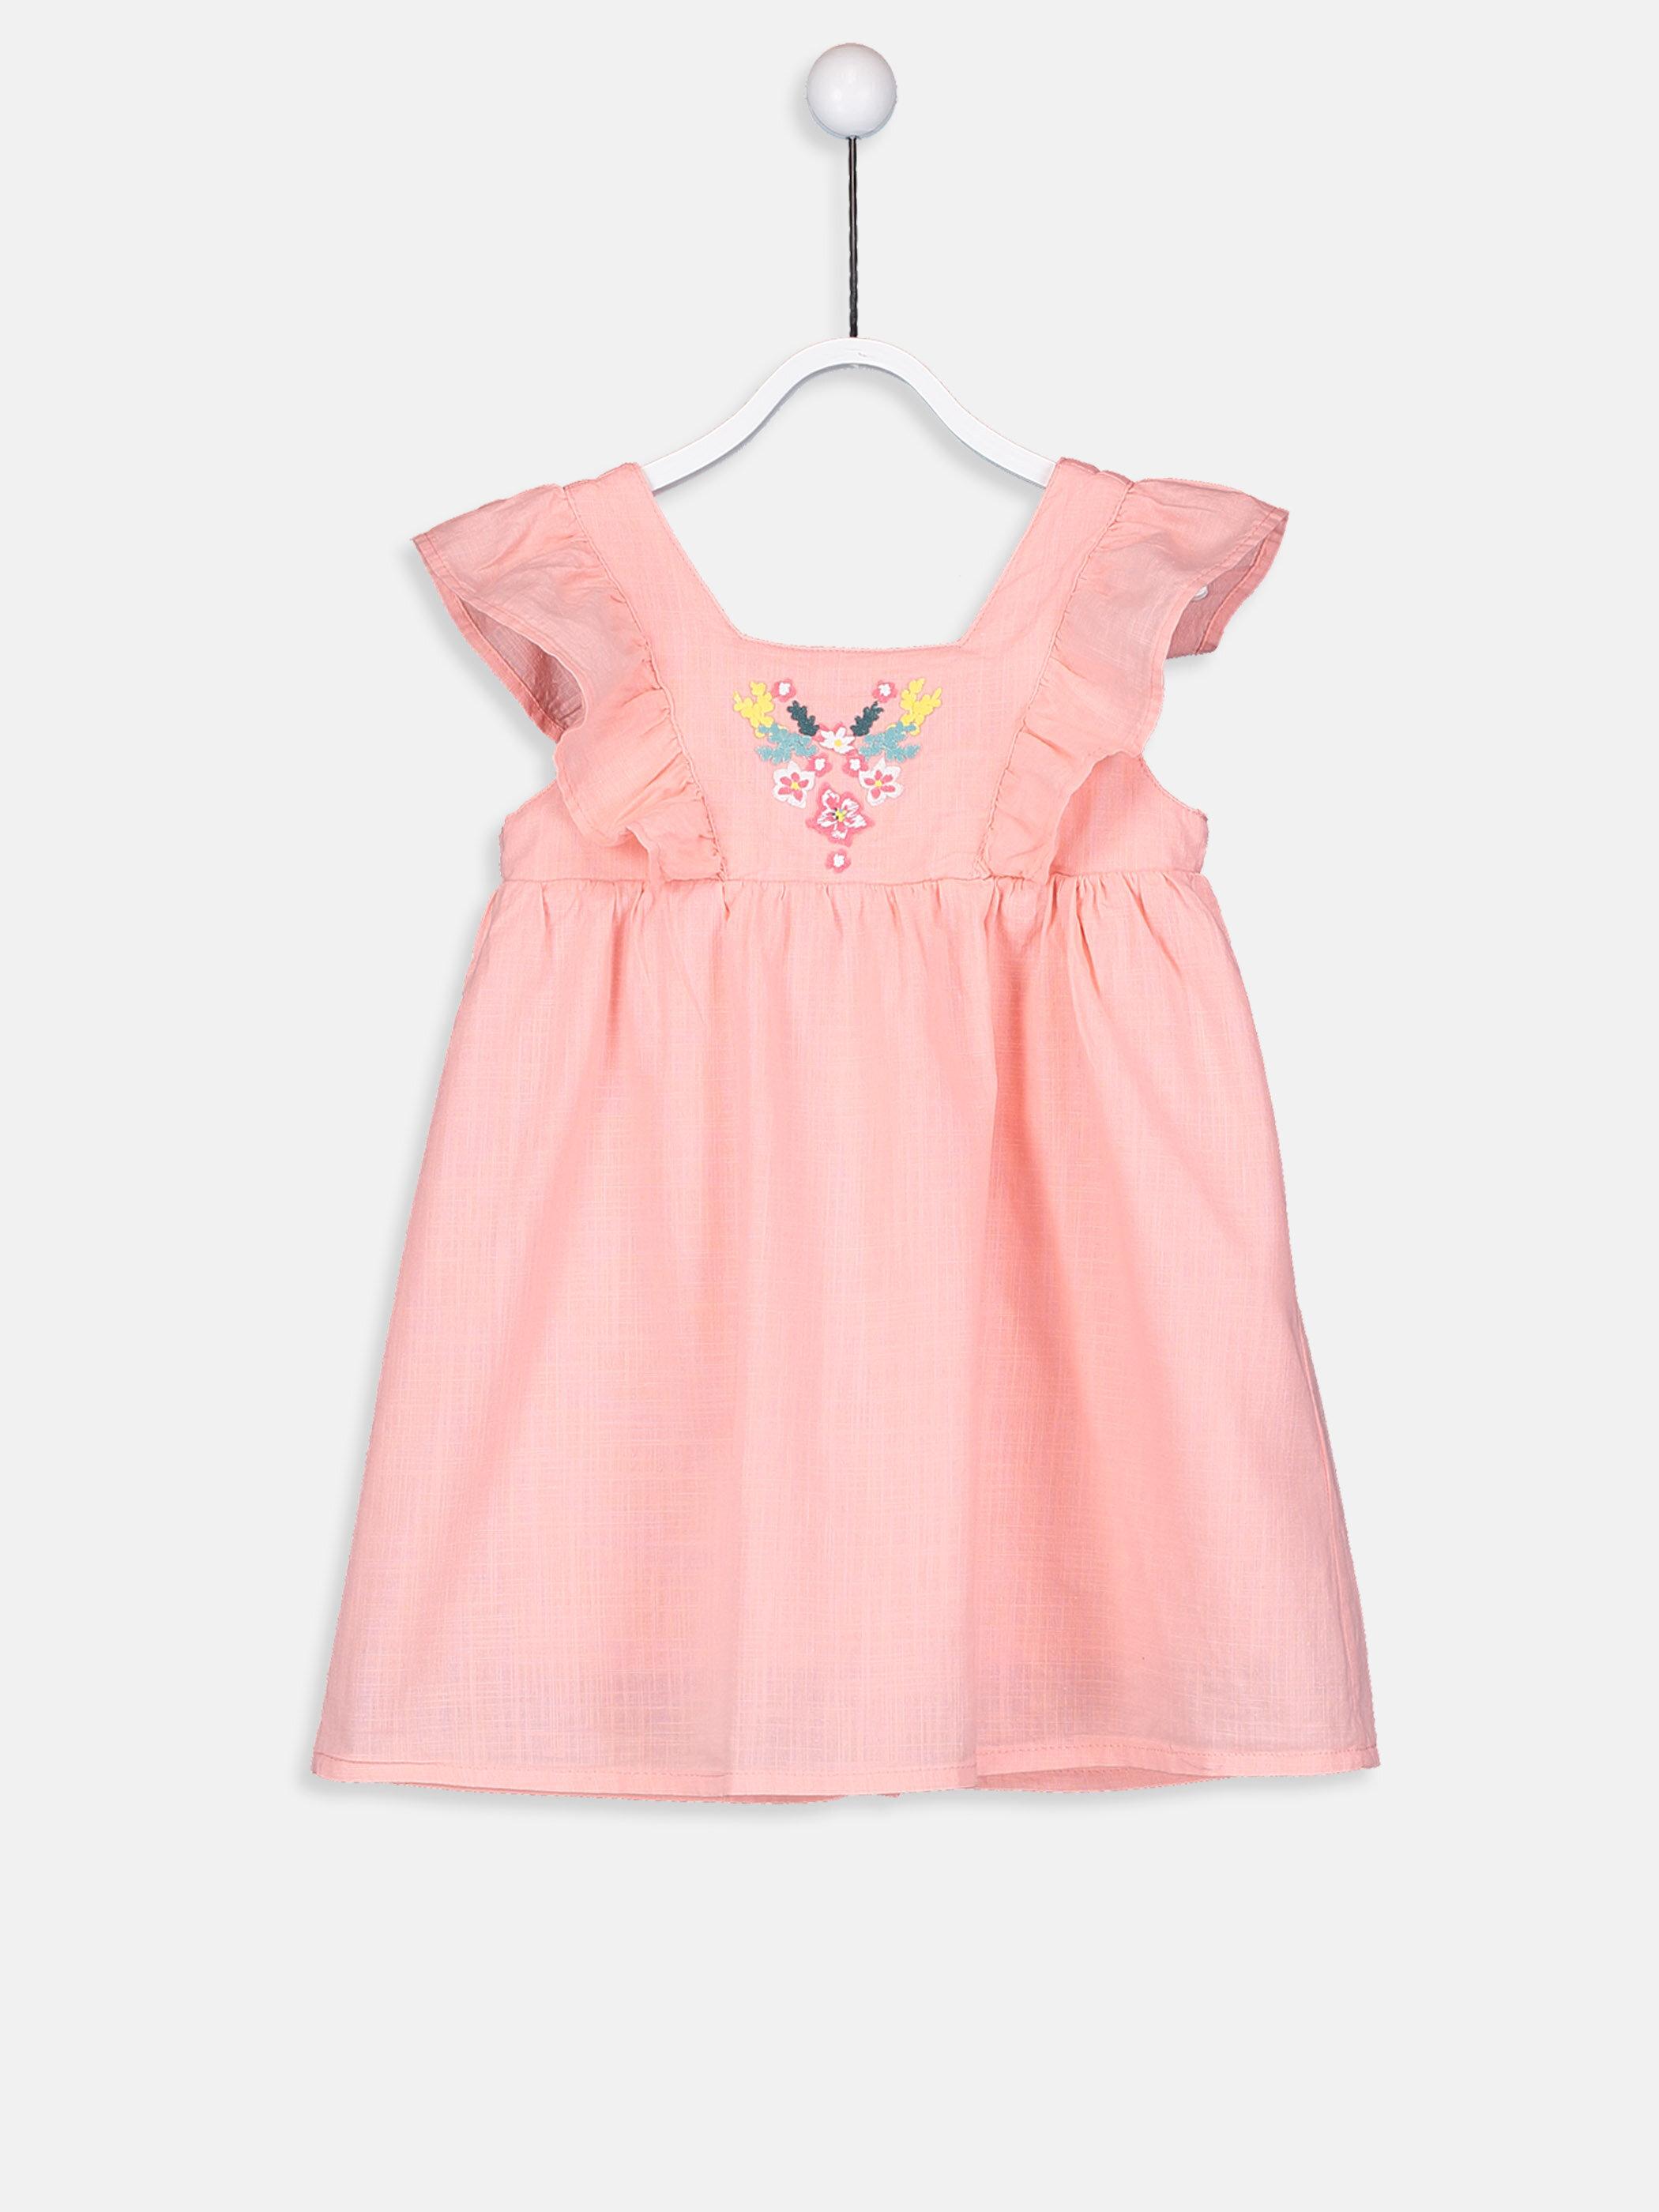 Kız Bebek Nakışlı Poplin Elbise -9S7927Z1-G73